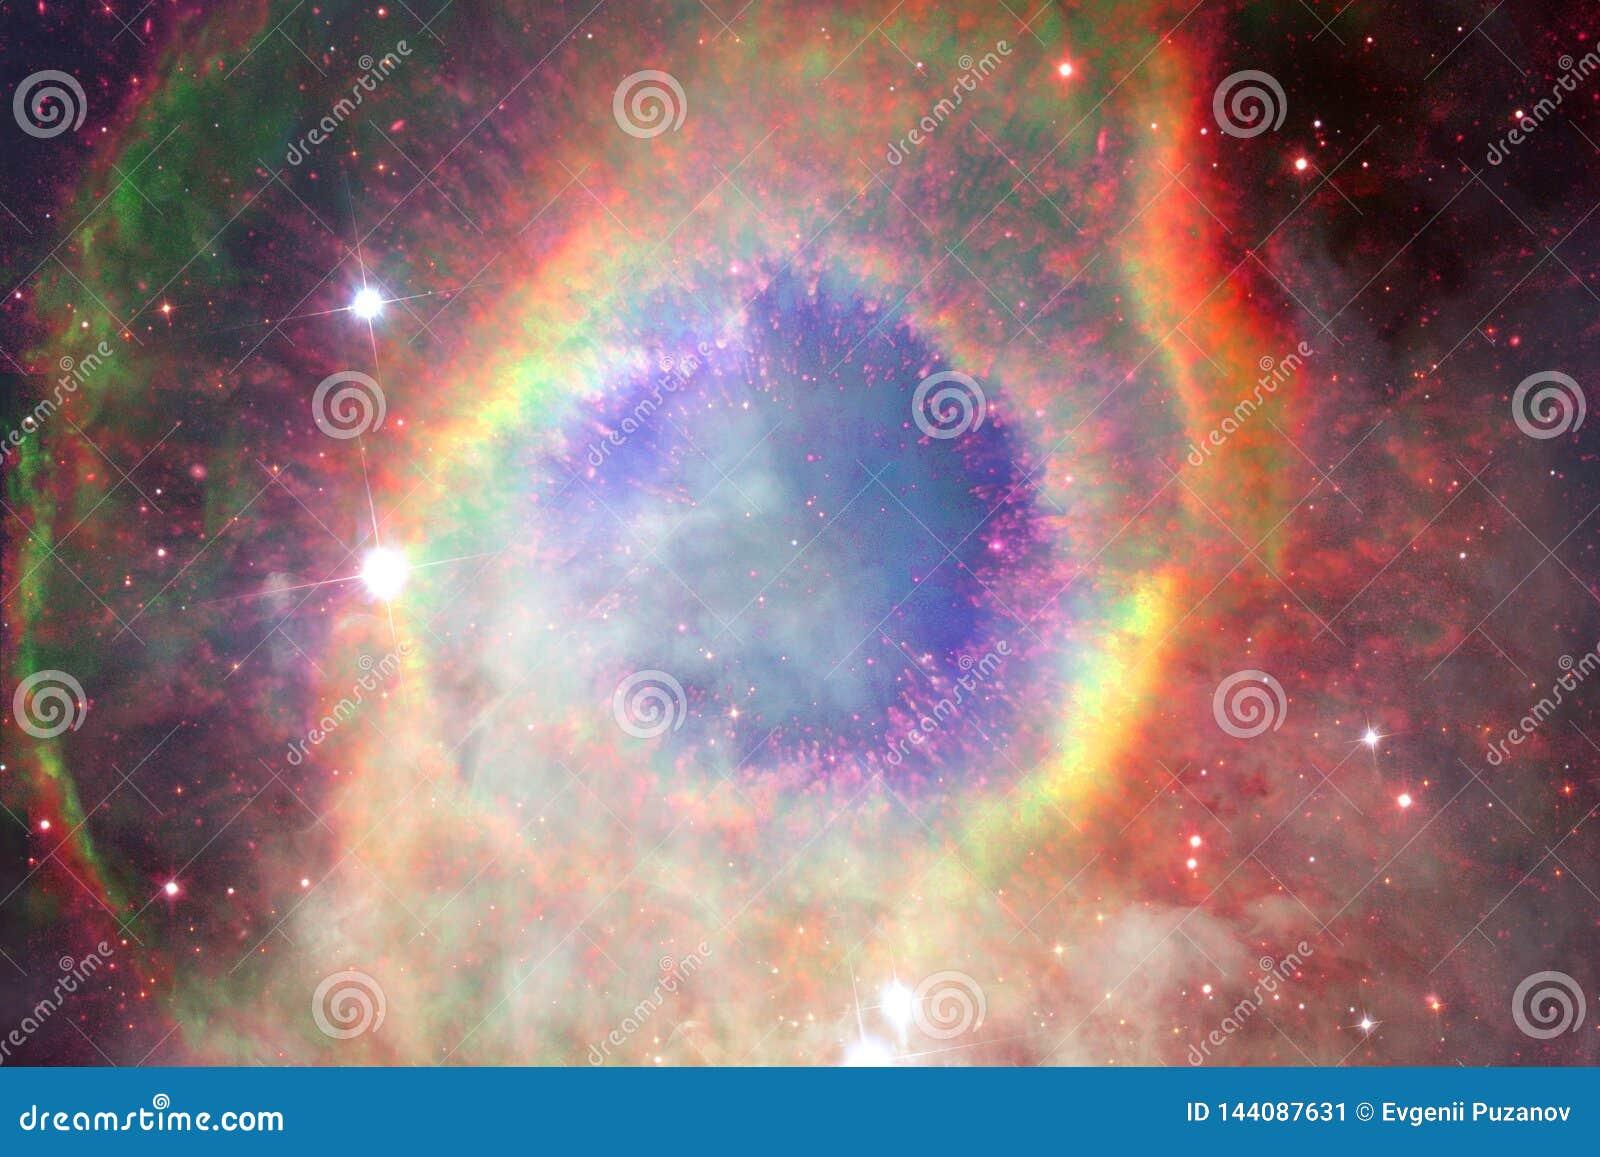 Nebulosa e galáxias no espaço Elementos desta imagem fornecidos pela NASA